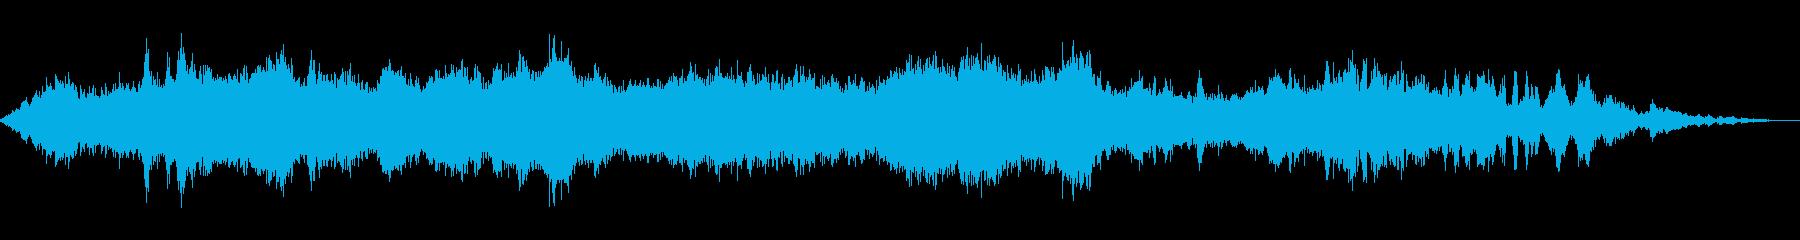 ストリート・ライオット:群衆の叫び...の再生済みの波形